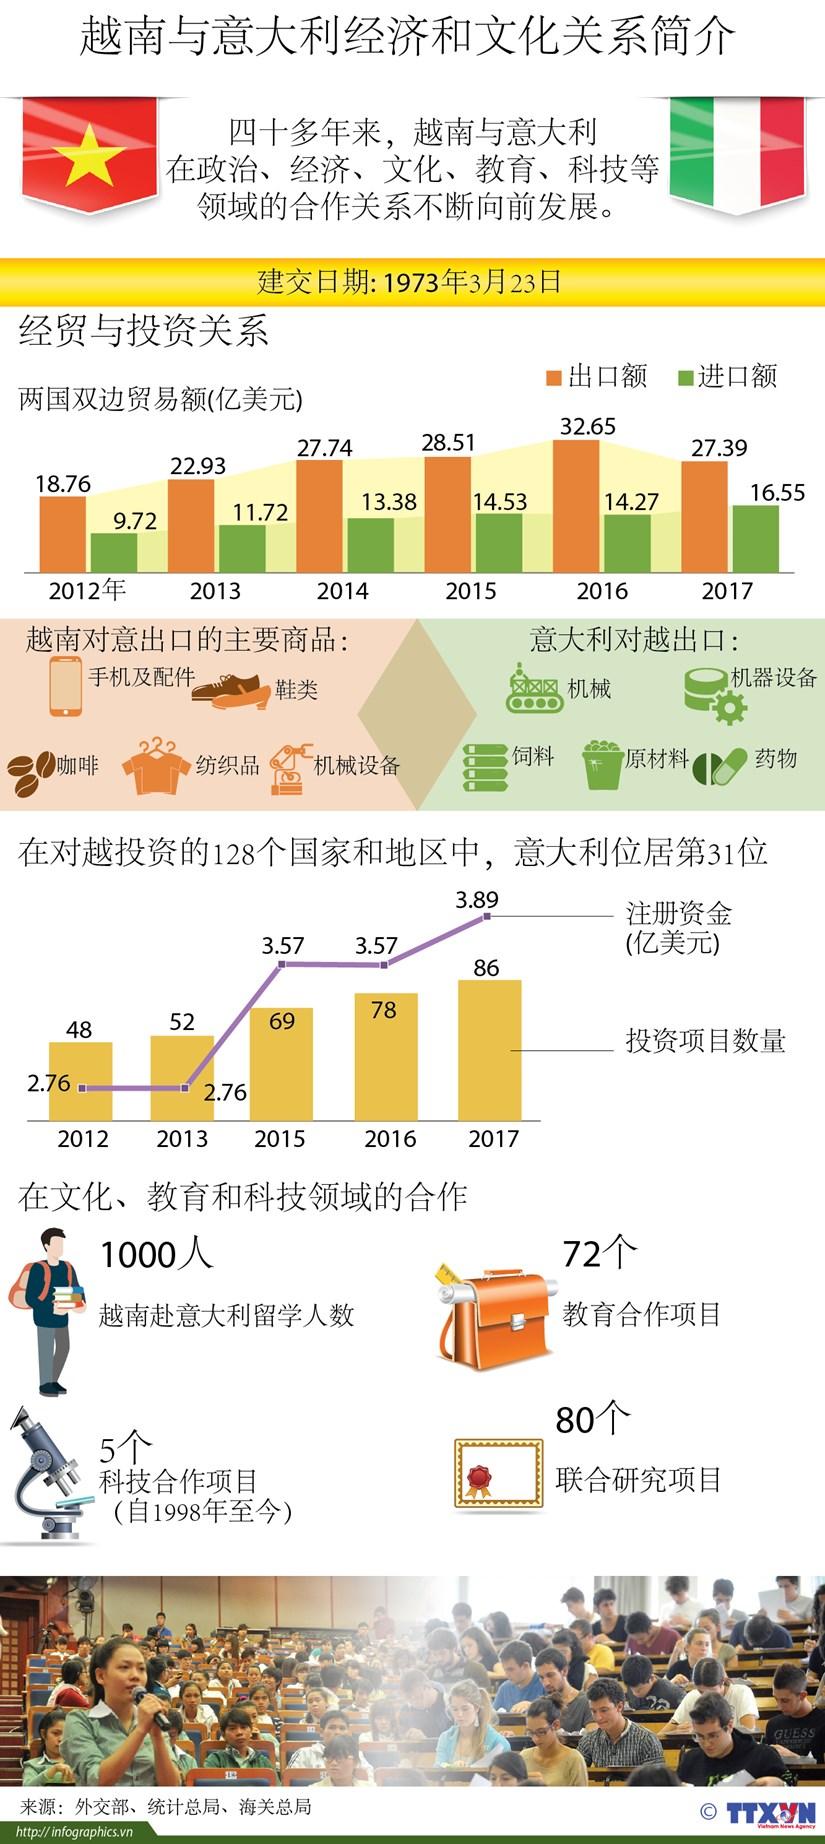 图表新闻:越南与意大利经济和文化关系简介 hinh anh 1